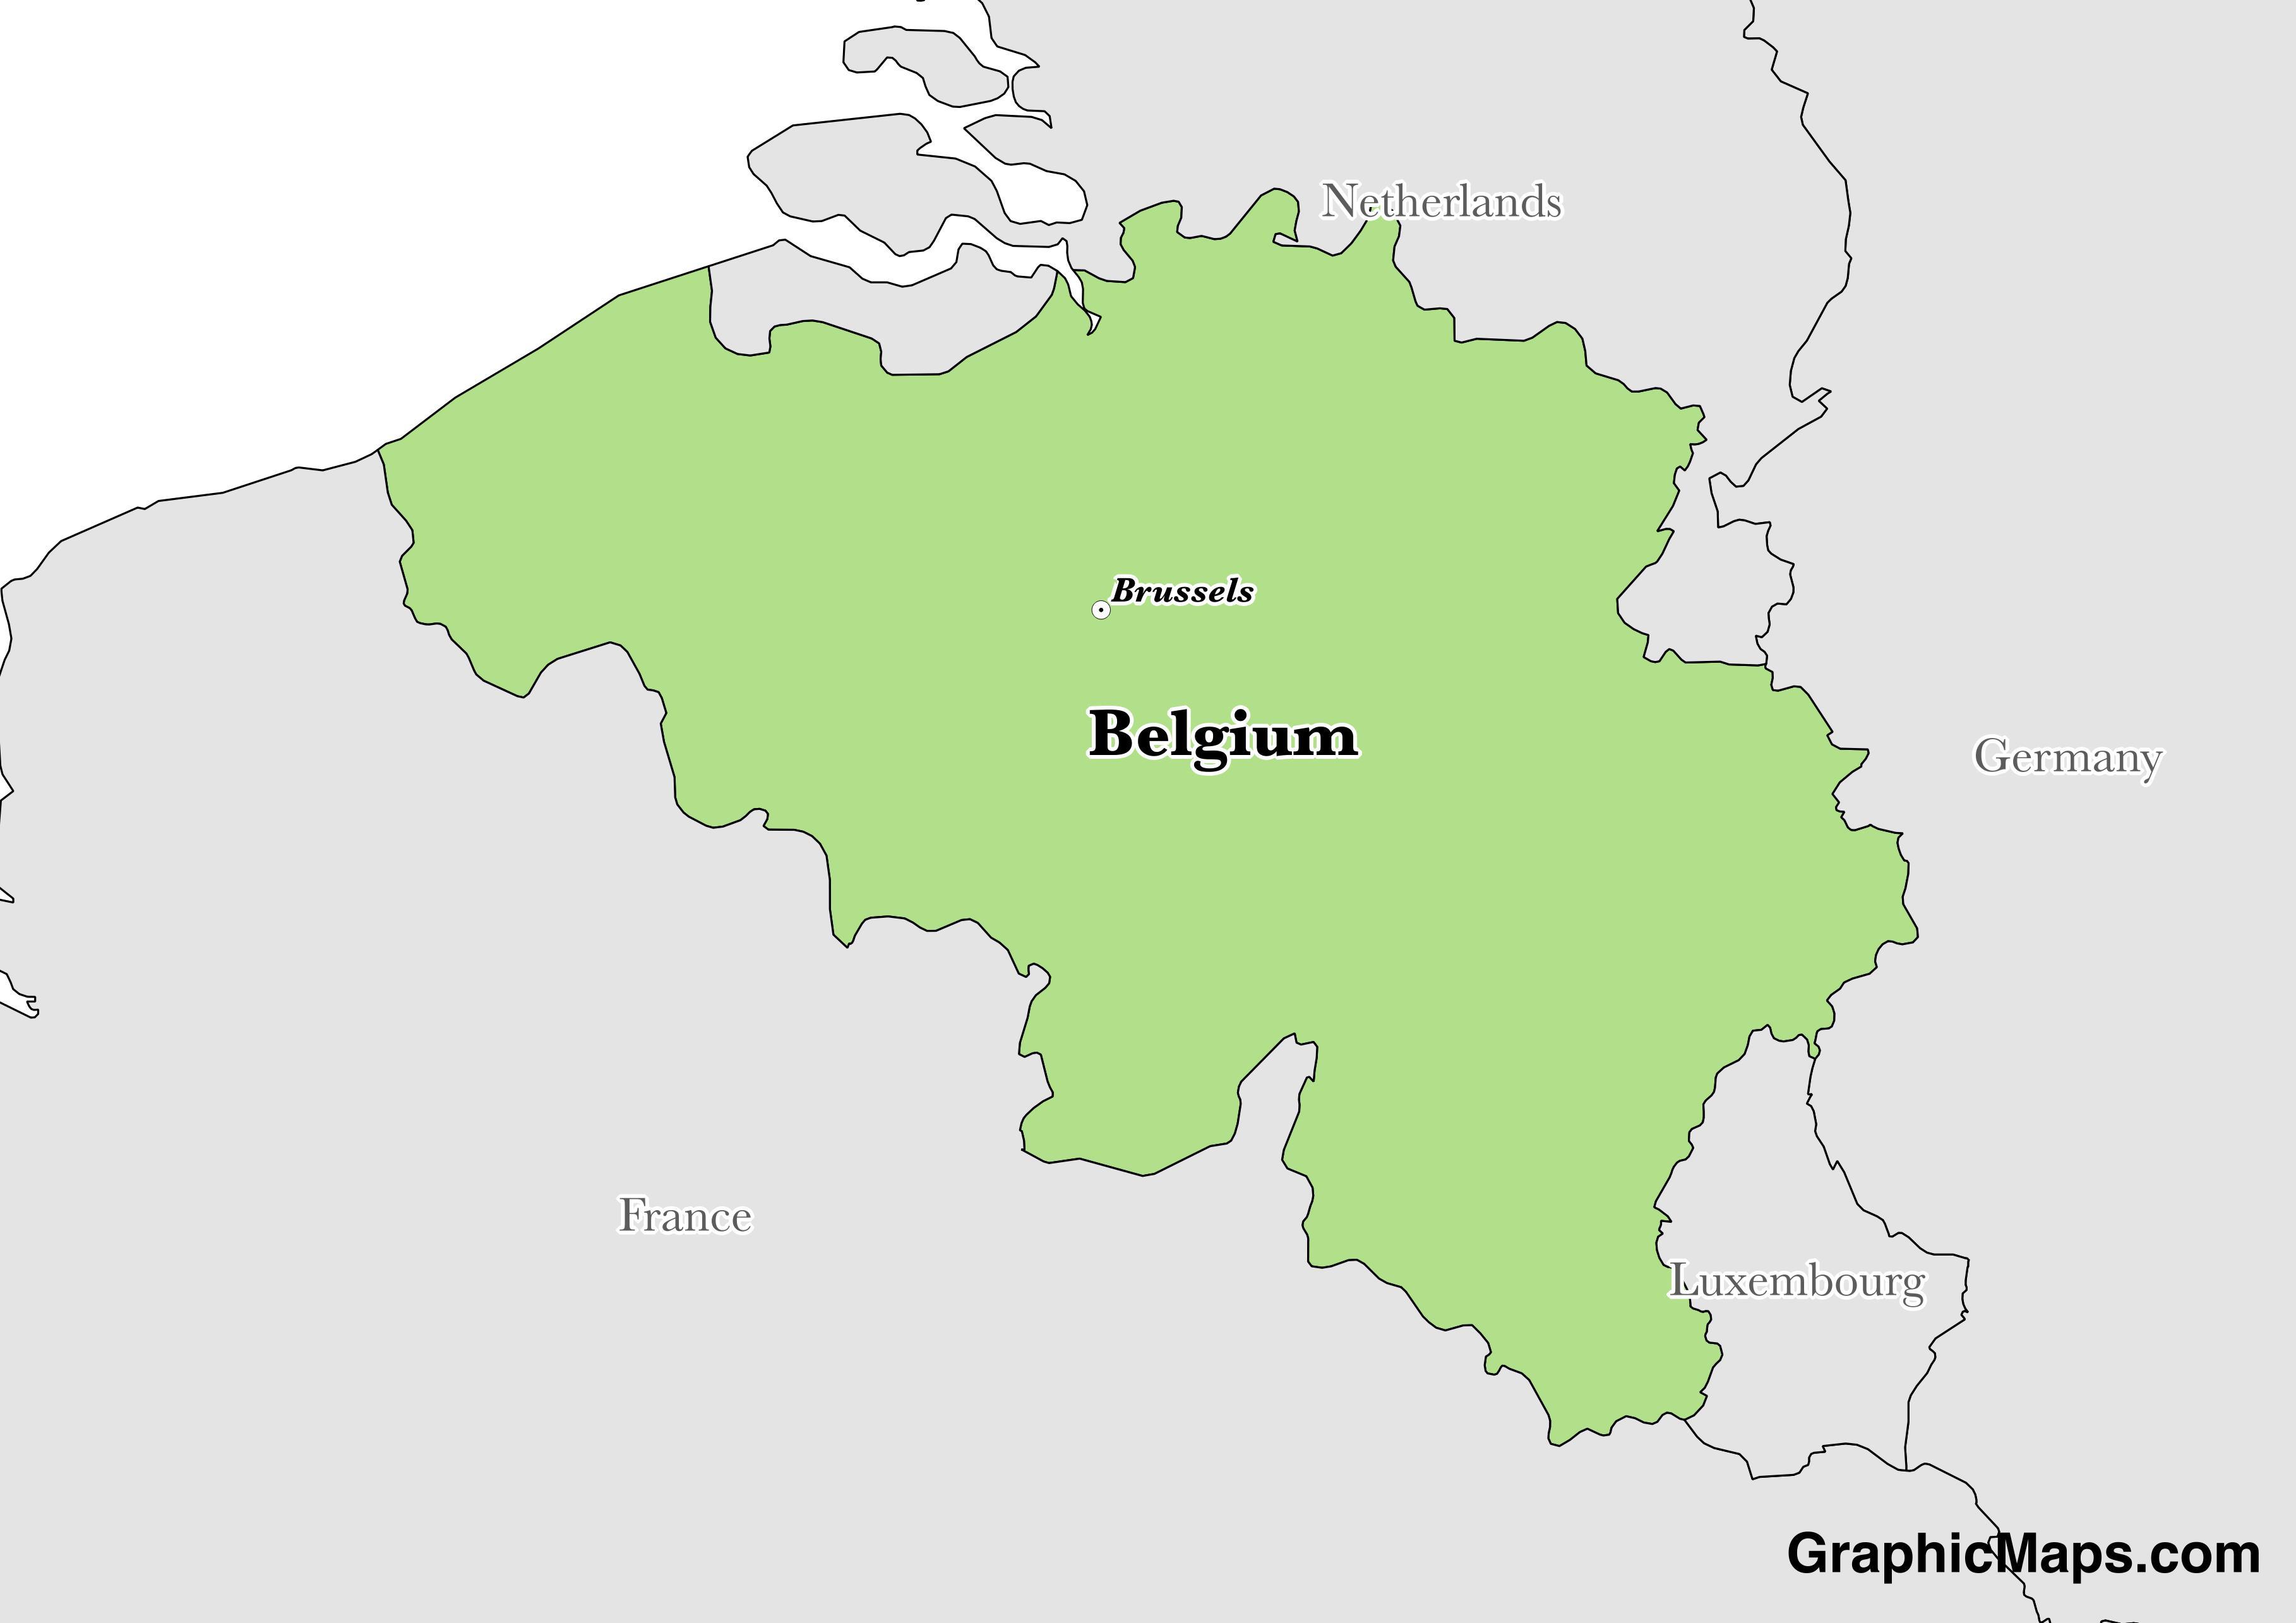 Belgium / GraphicMaps.com